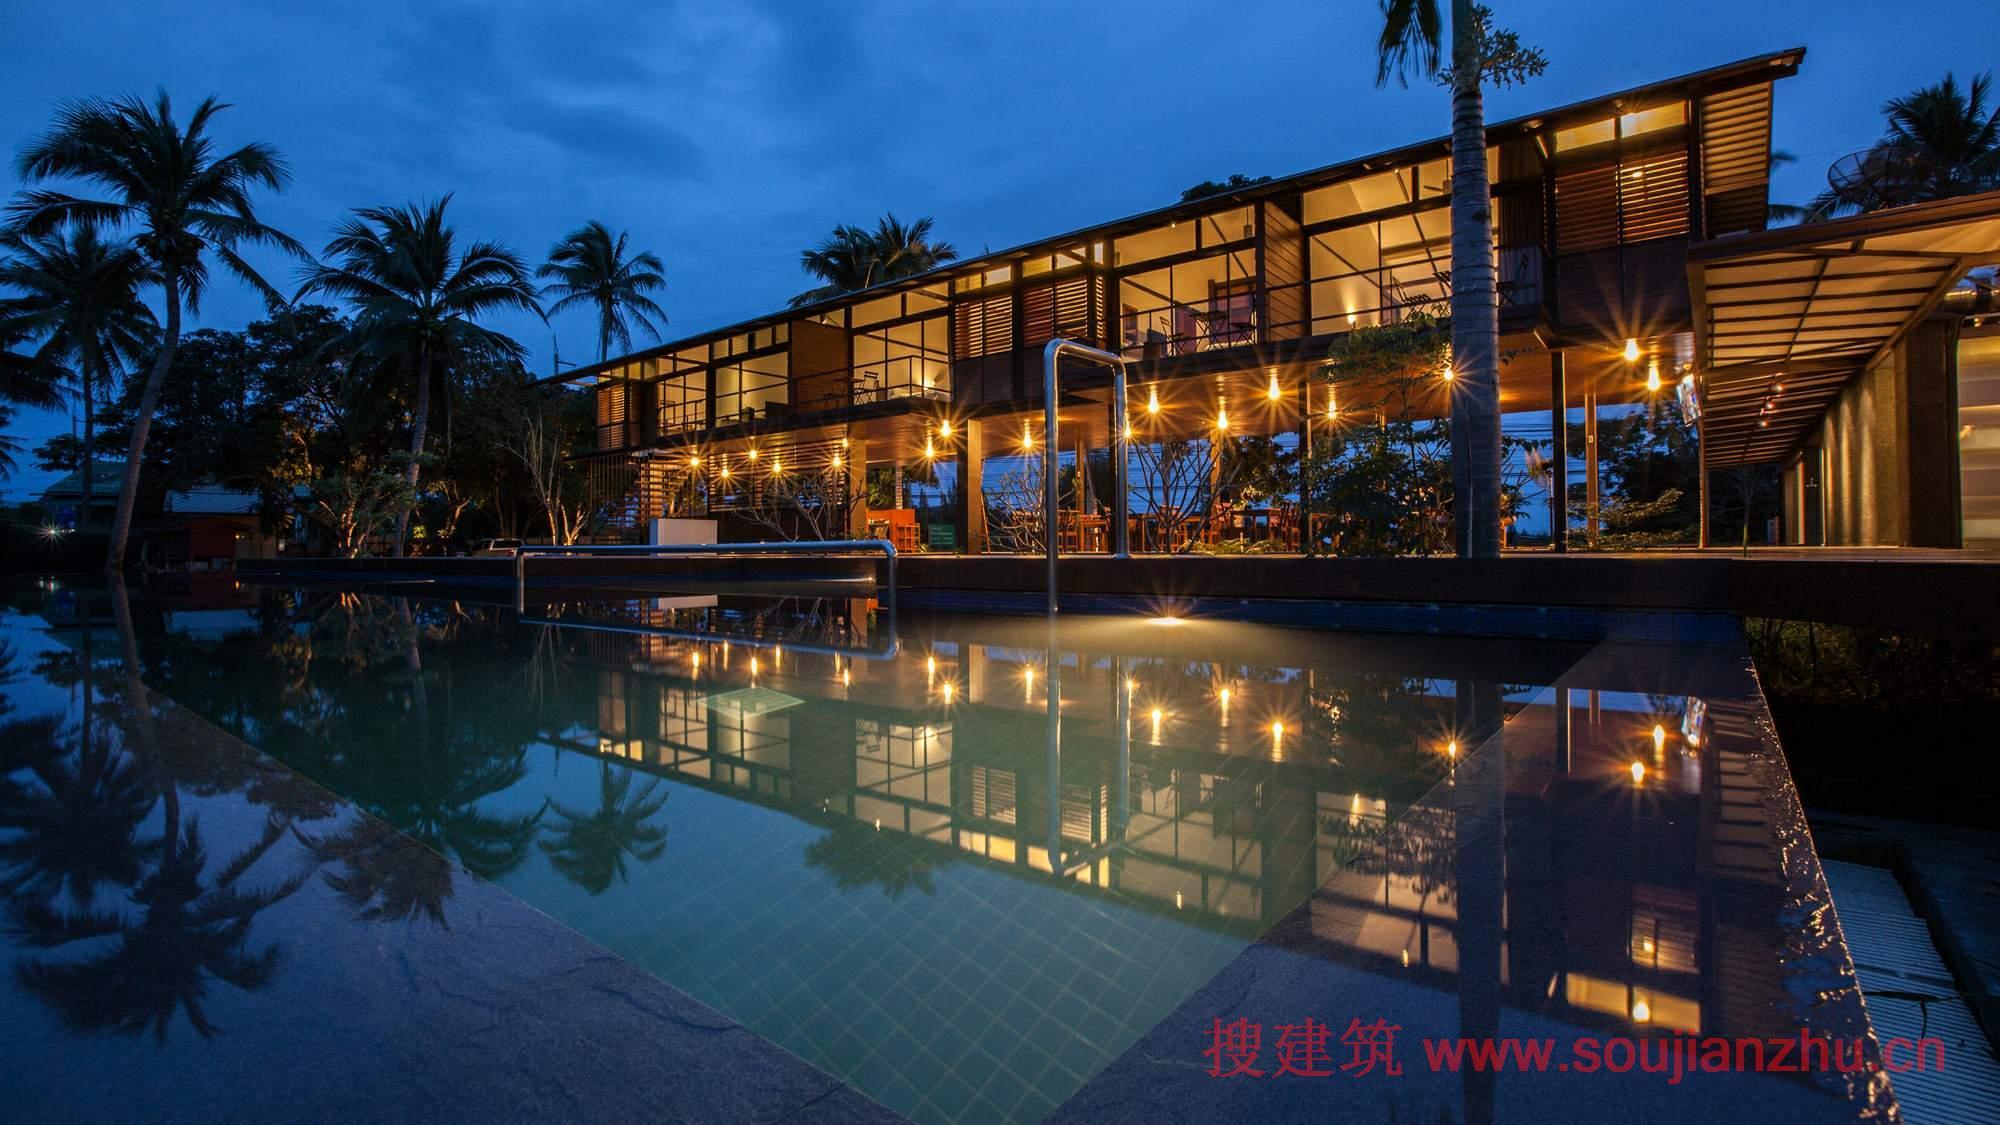 2013建筑面积规范_搜建筑网 -- 泰国·Baan Suan Mook度假酒店---SOOK Architects